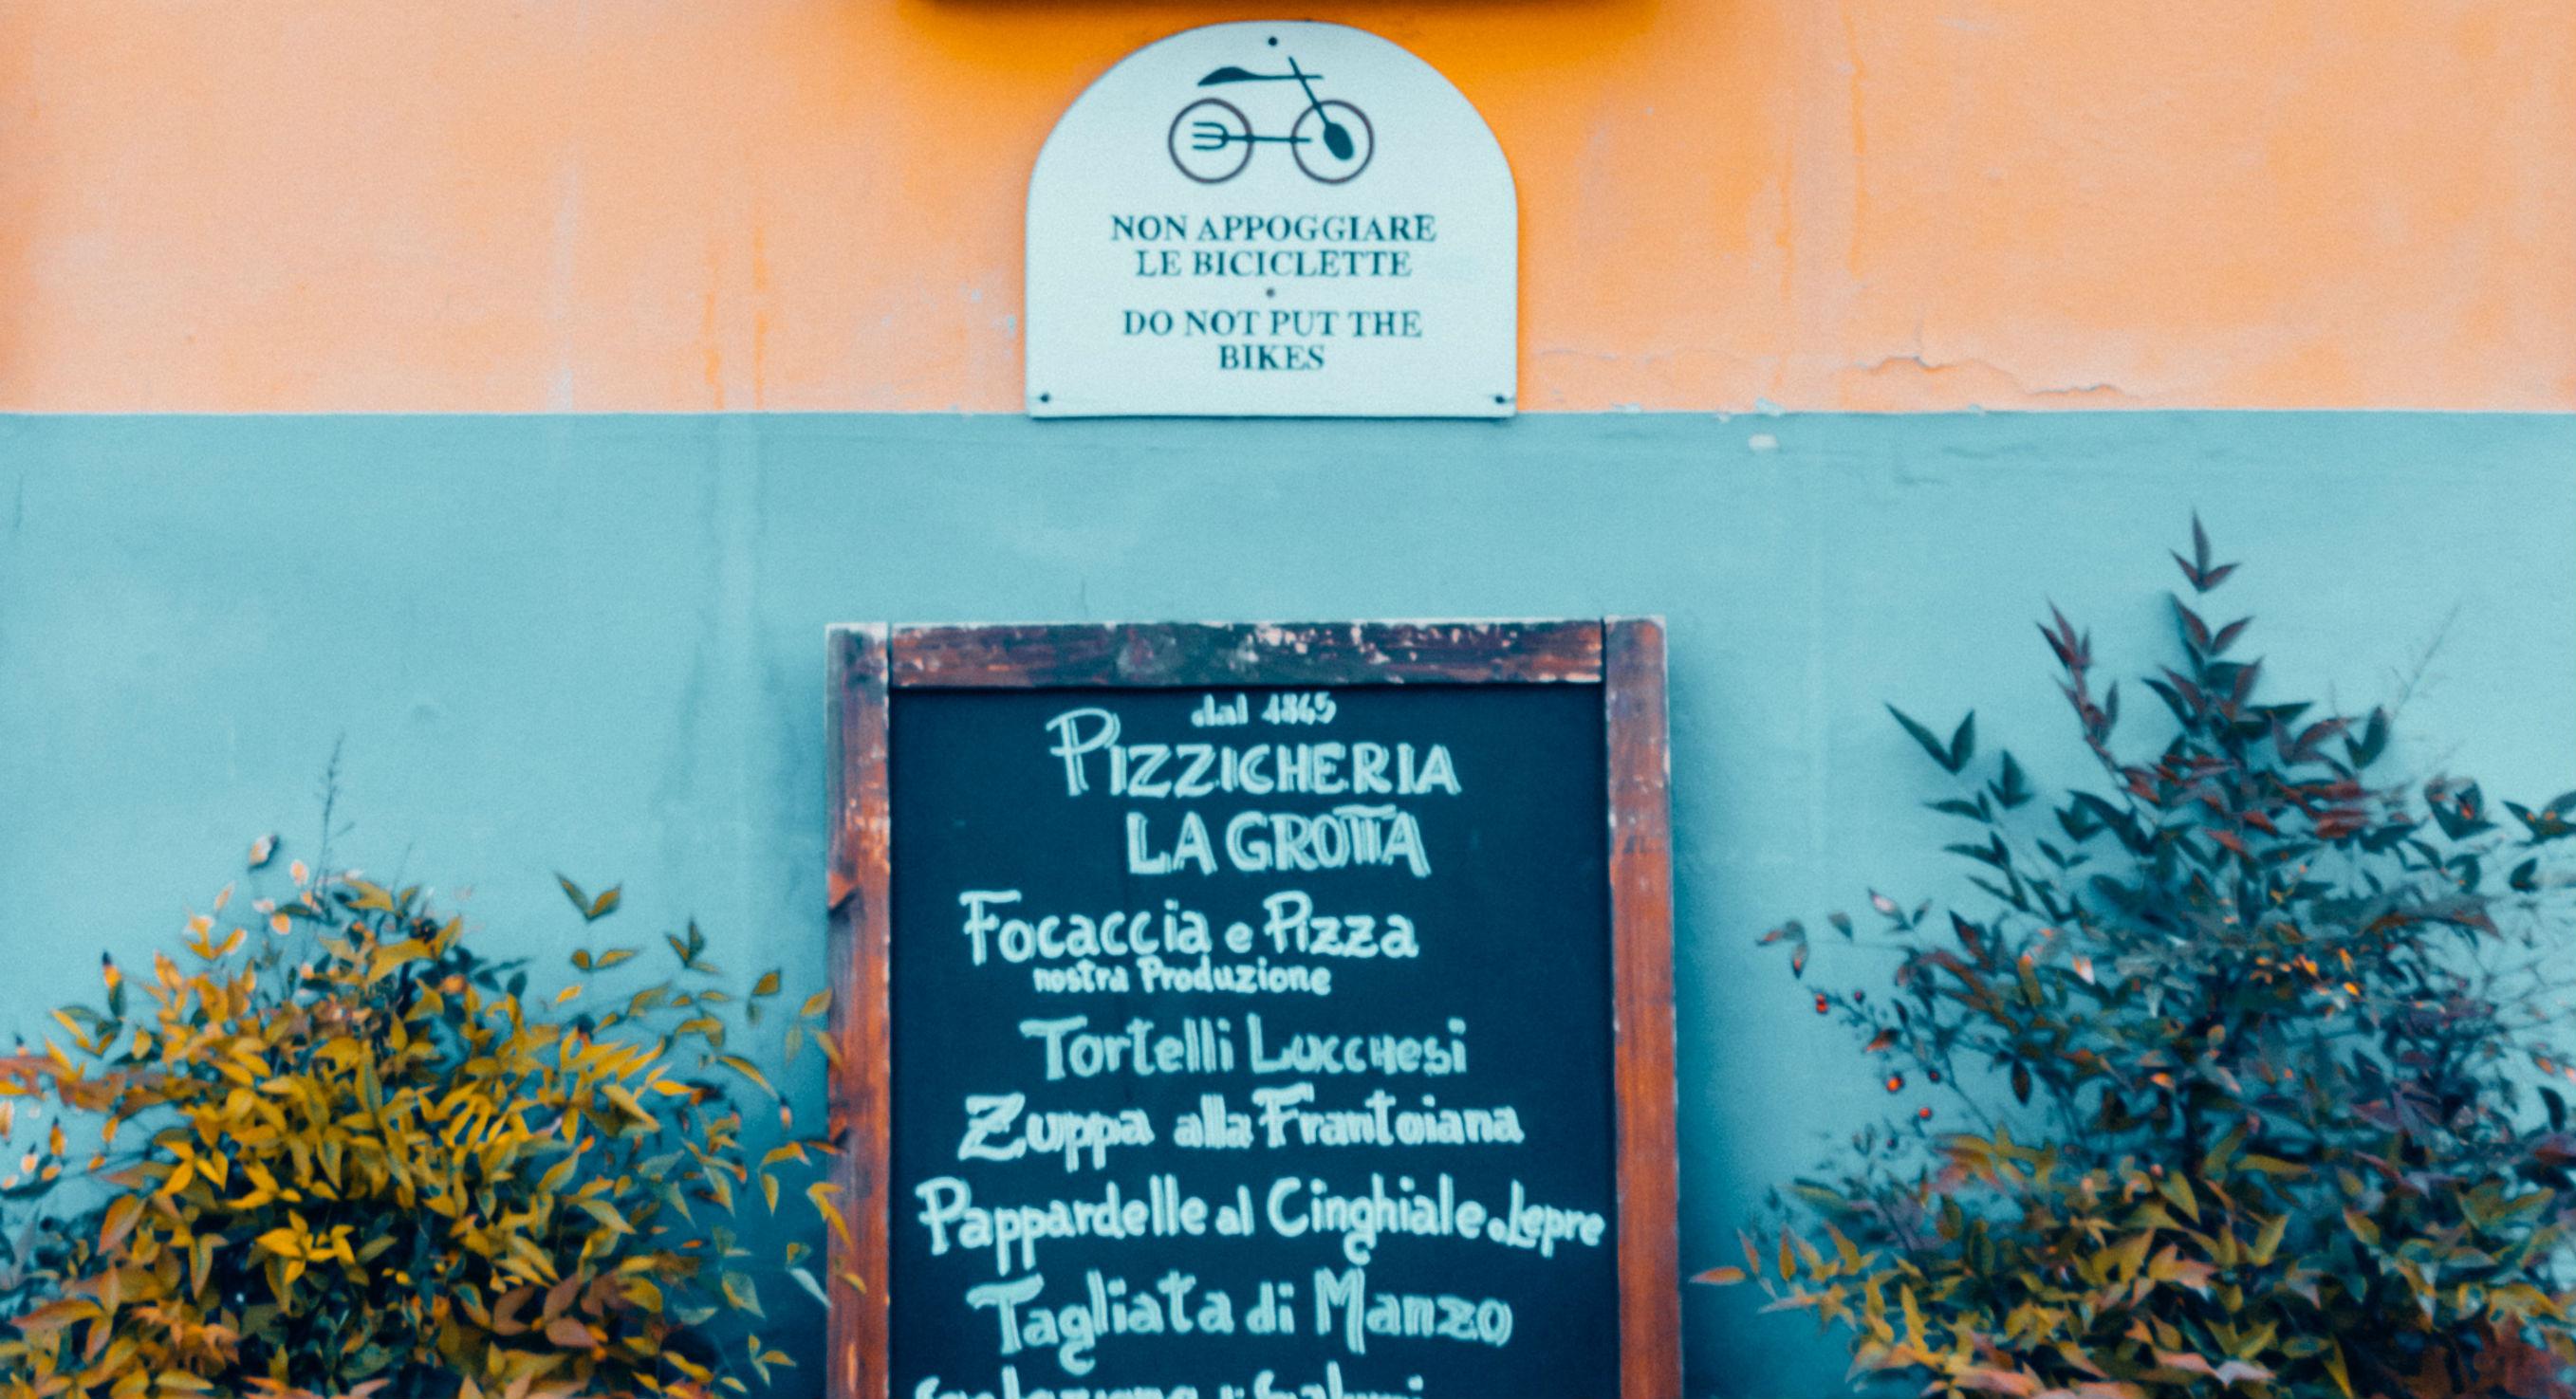 Italiaans straatje met menu van een pizzaria.